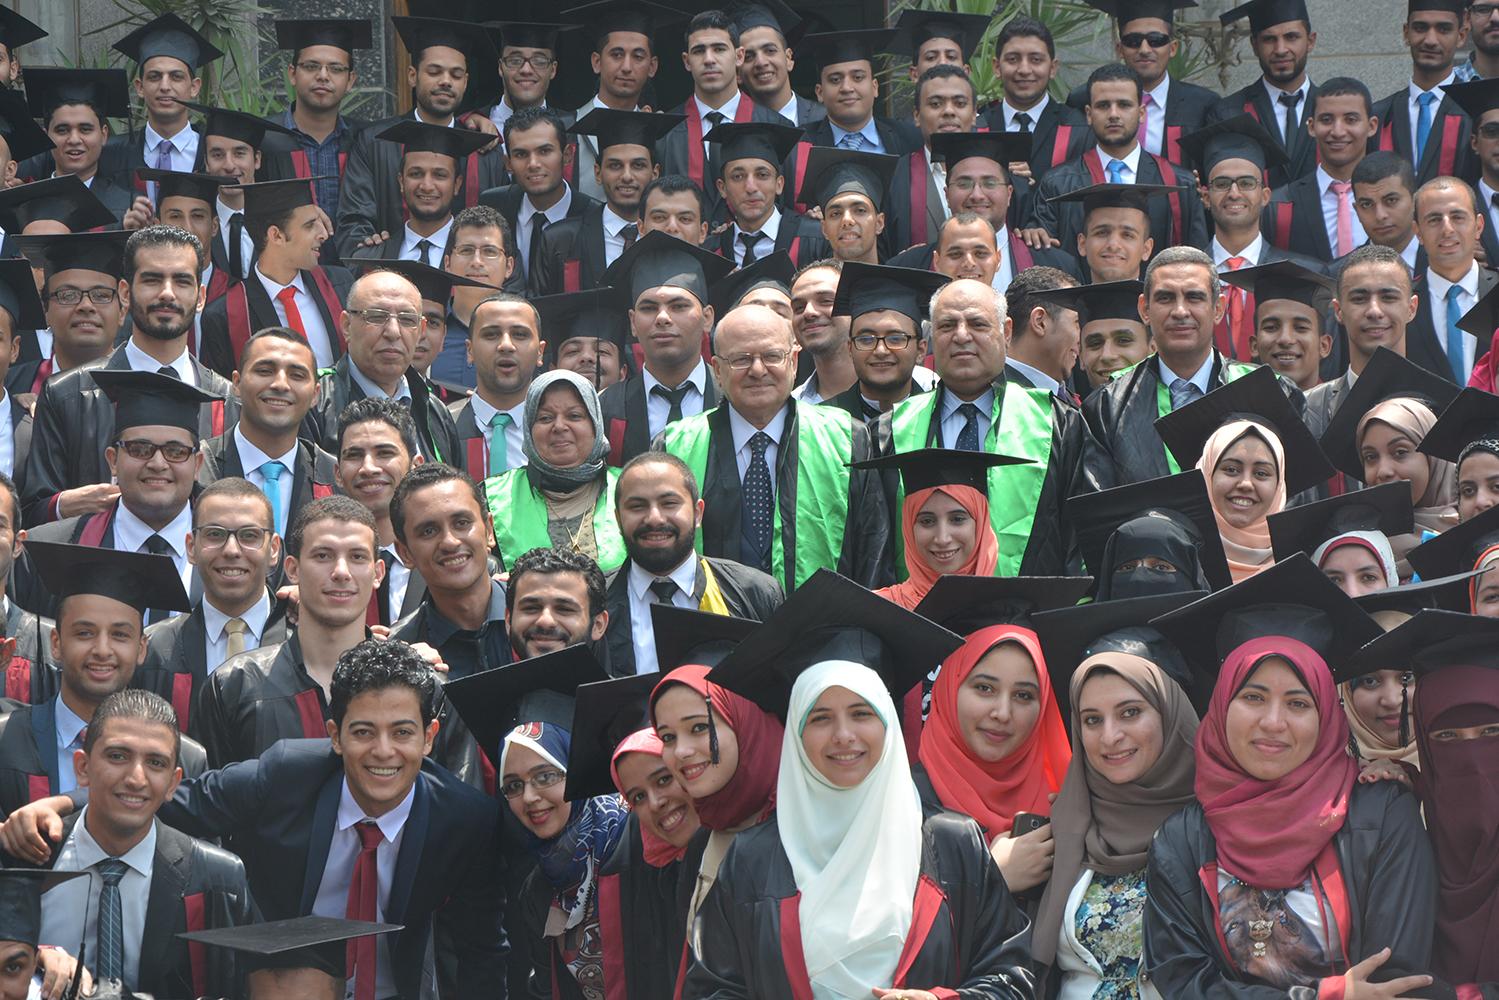 رئيس جامعة الزقازيق يشارك فى احتفالية تخريج الدفعة( 34 ) لقسم  الهندسة المدنية